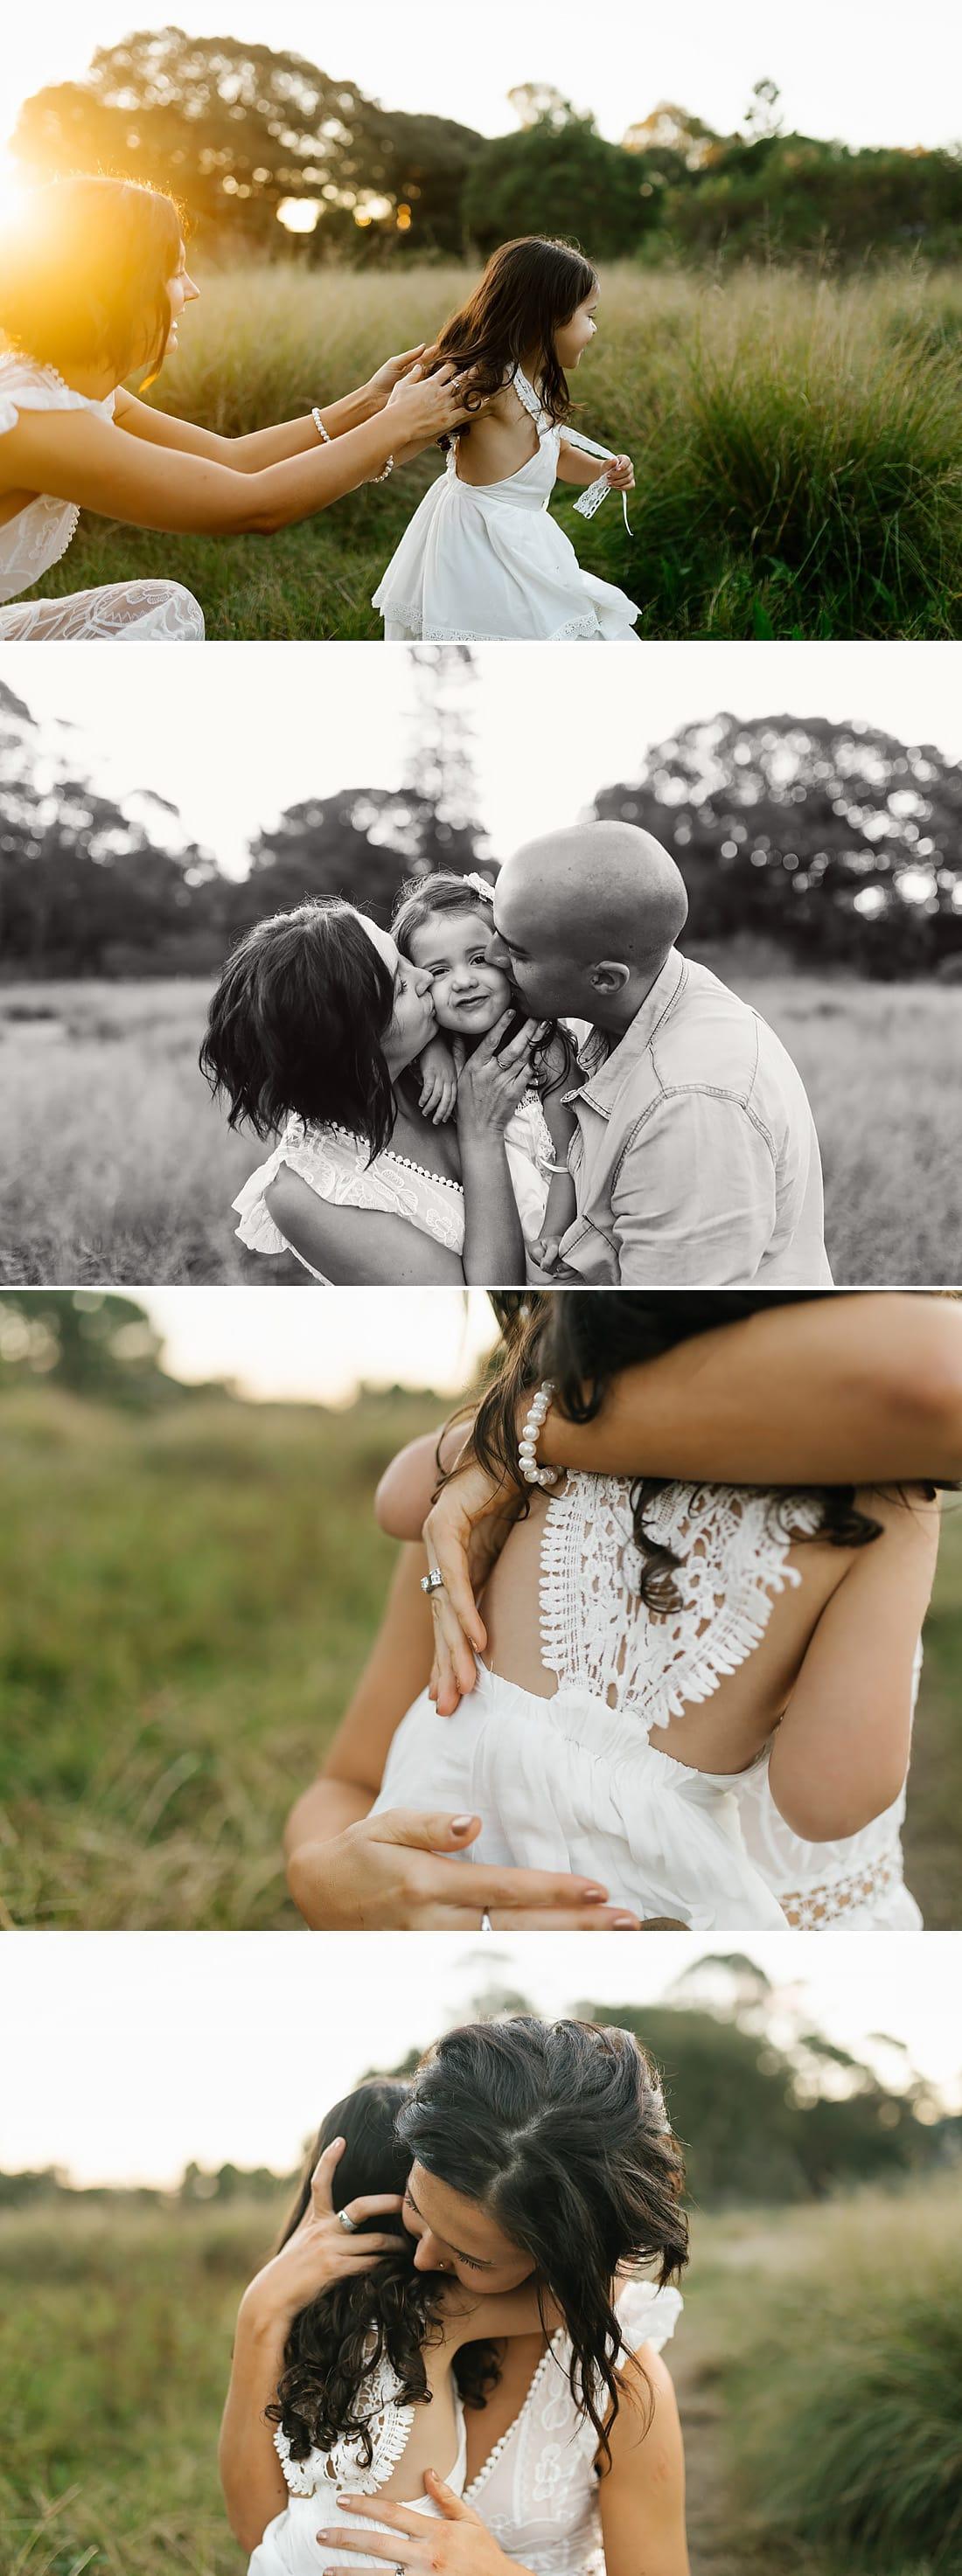 Lifestyle-family-photography-sydney-sutherland-shire